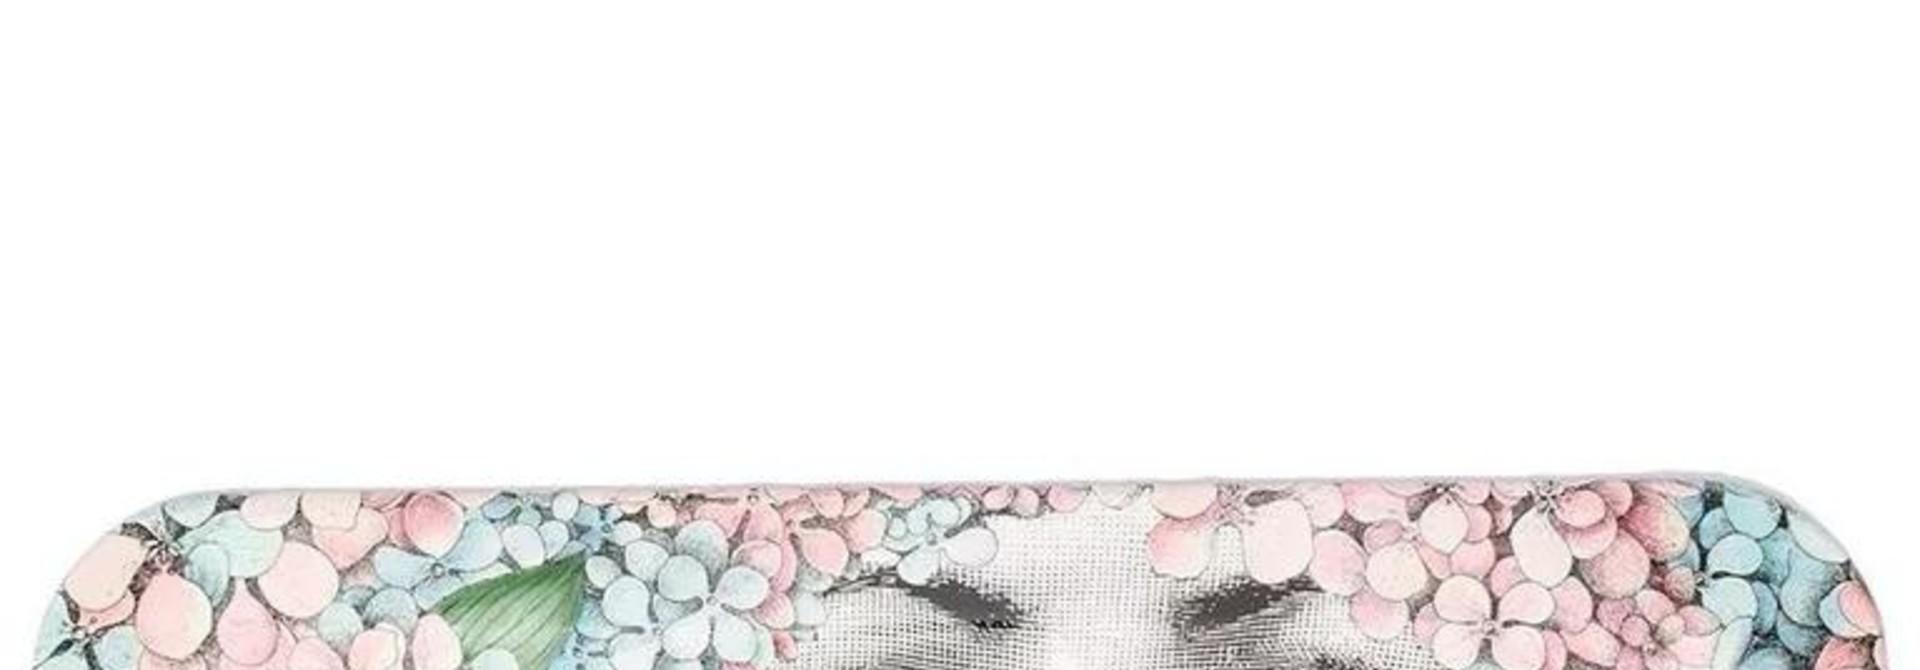 FORNASETTI - Ortensia Tray 25x60cm